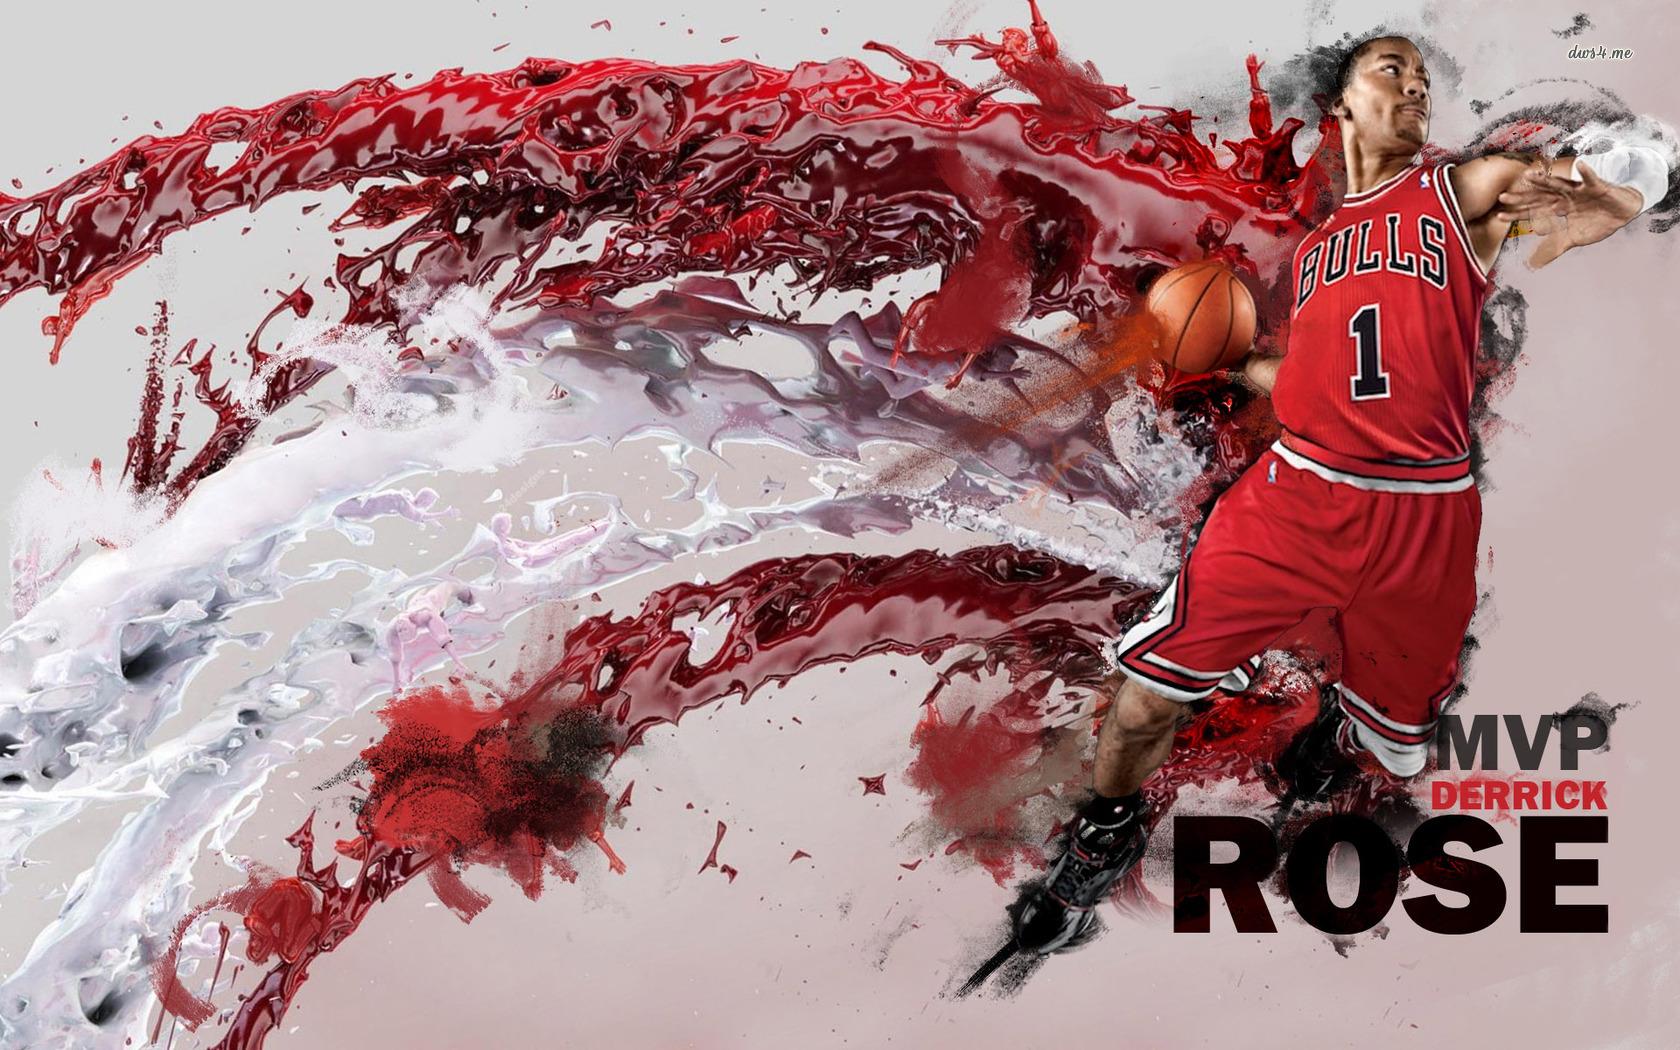 Derrick Rose wallpaper   Sport wallpapers   7391 1680x1050